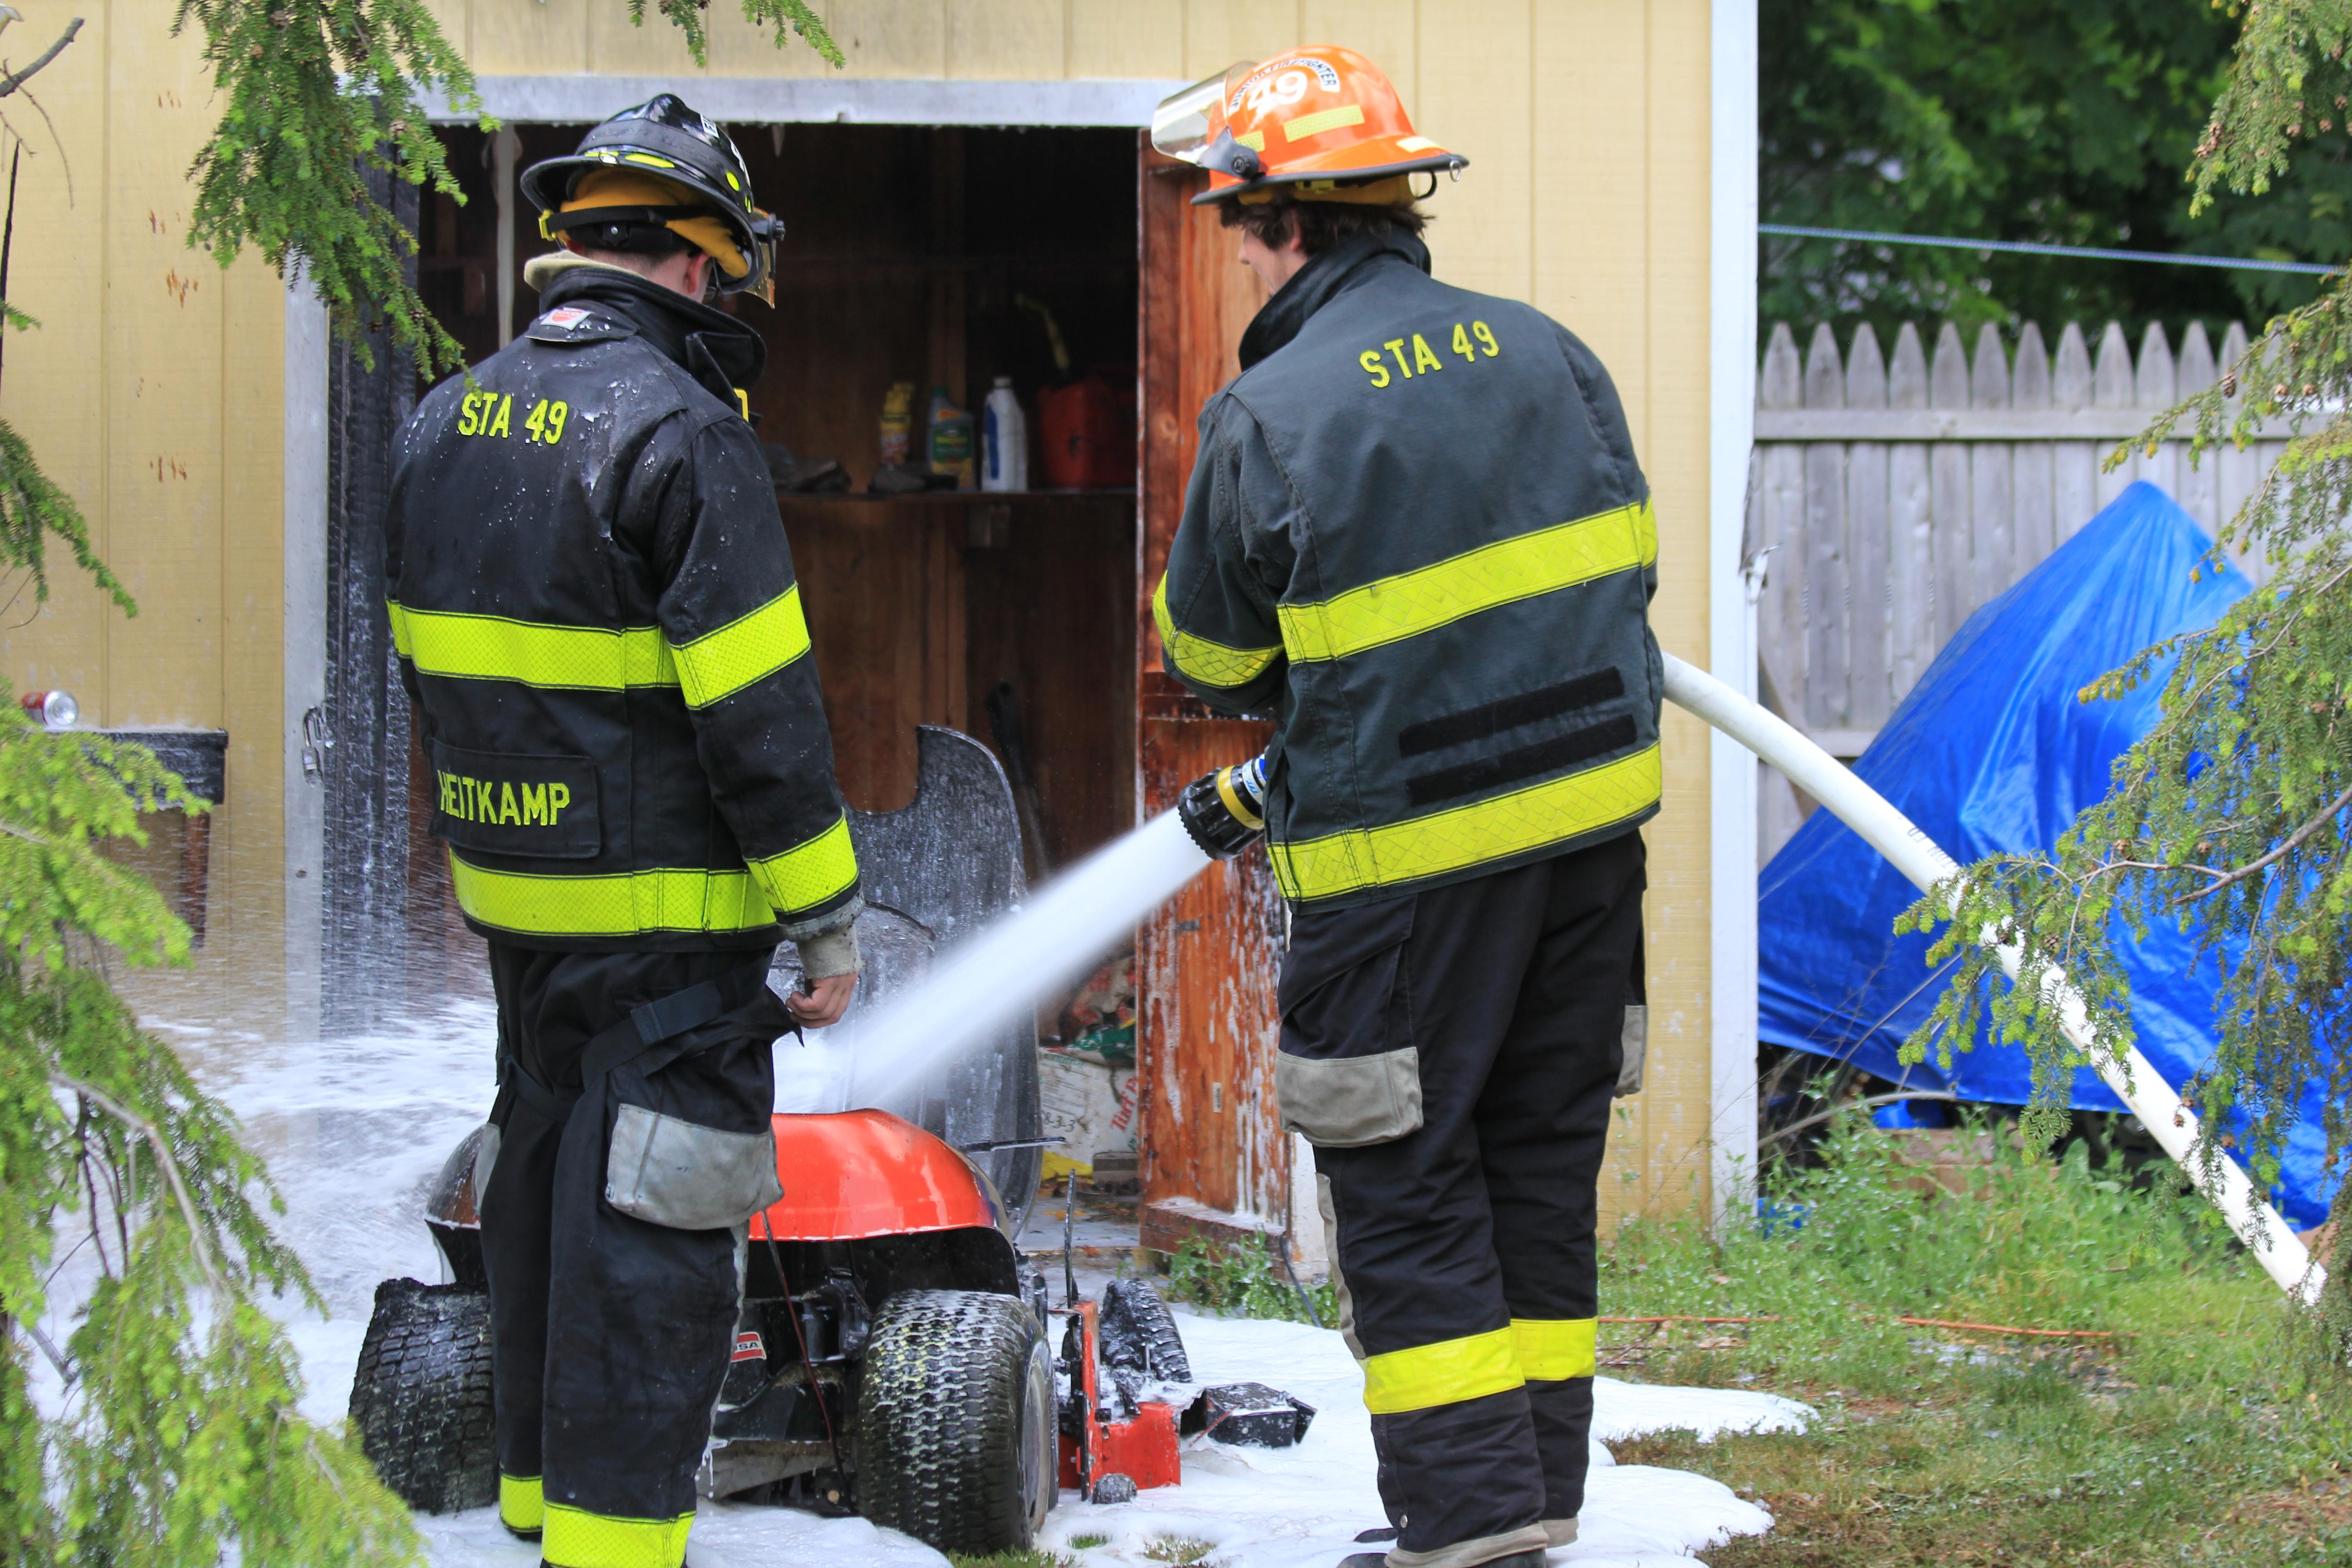 2016 Mower Fire